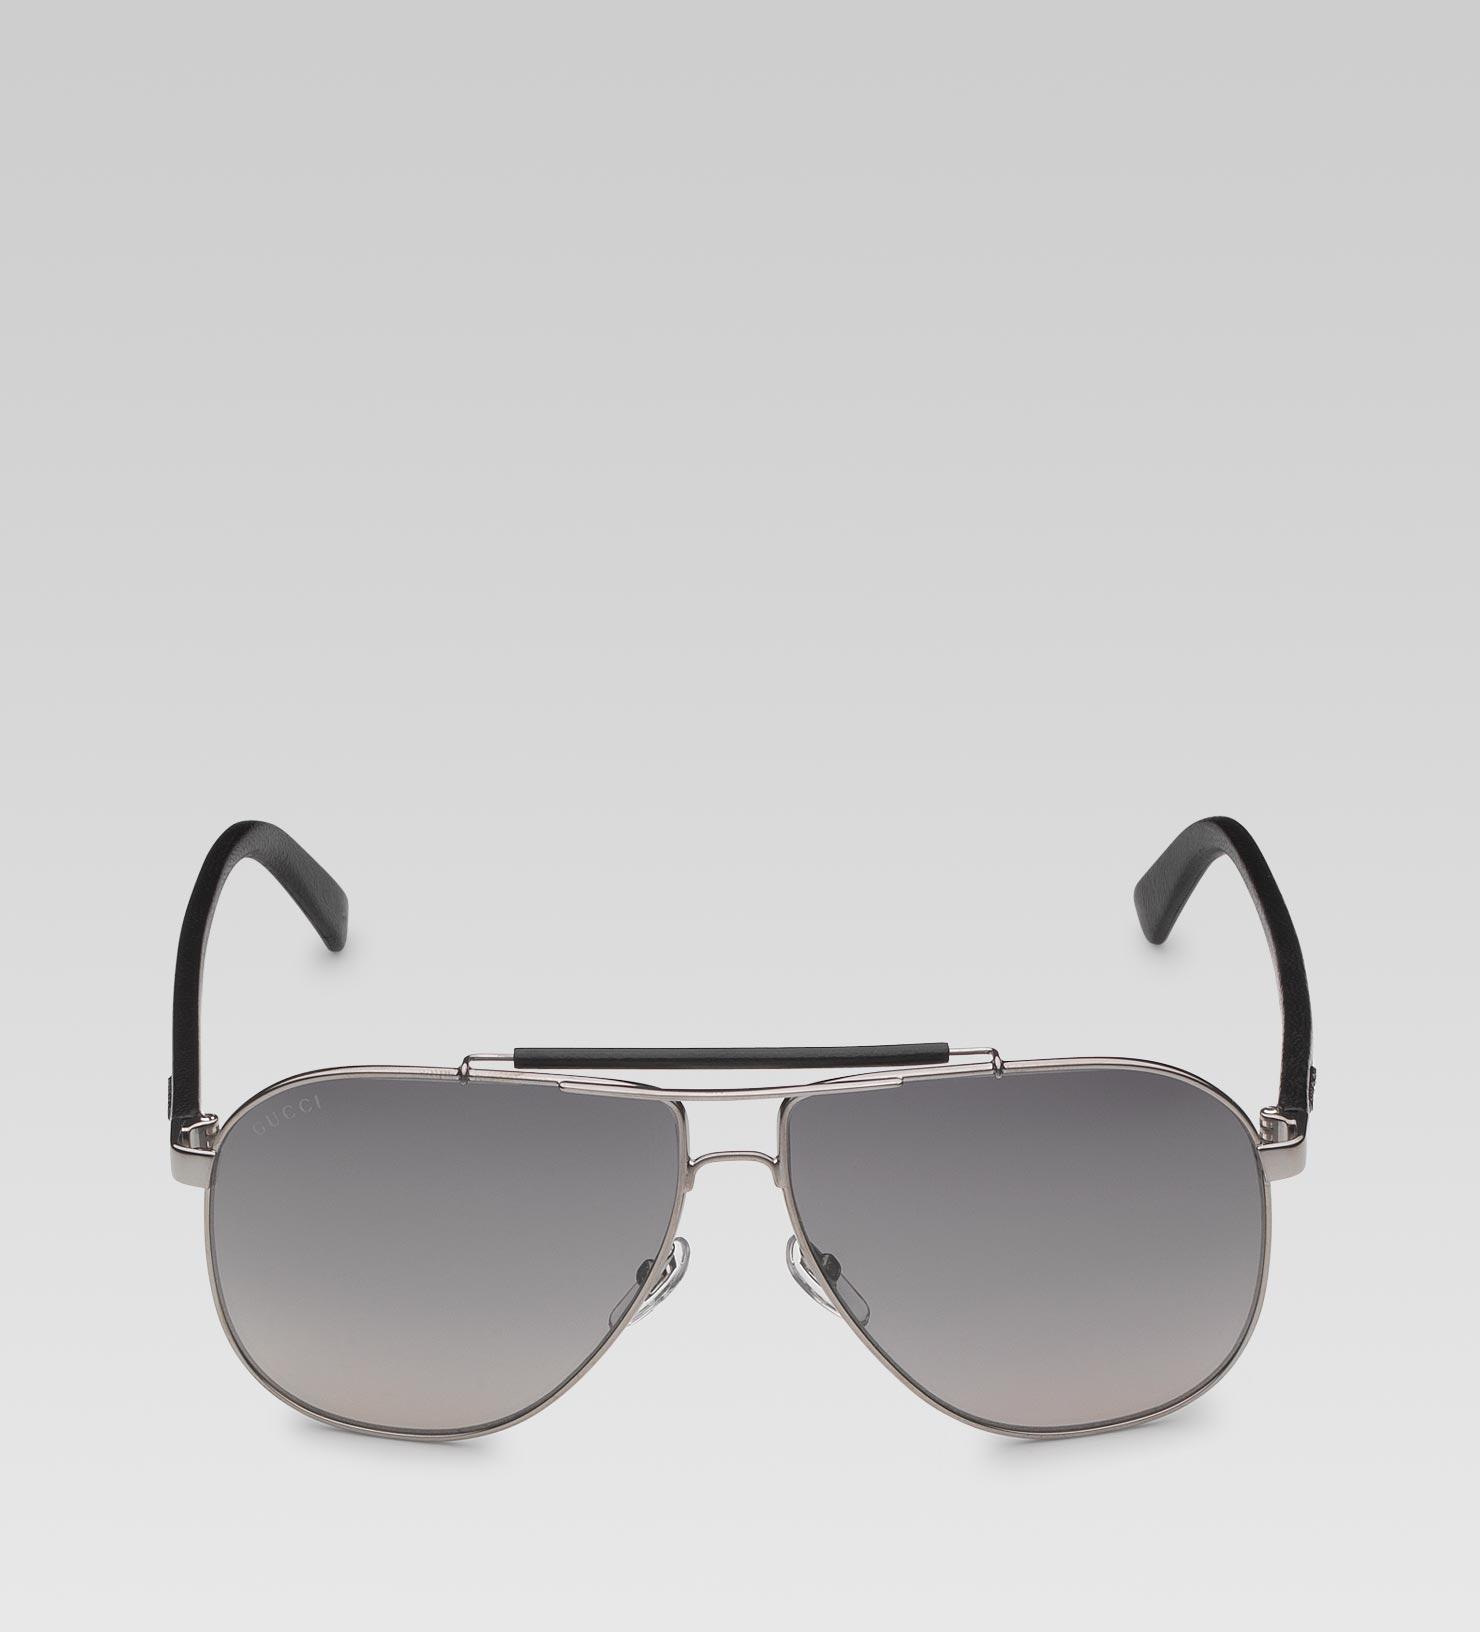 2de3acb104 Sunglasses At Tj Maxx